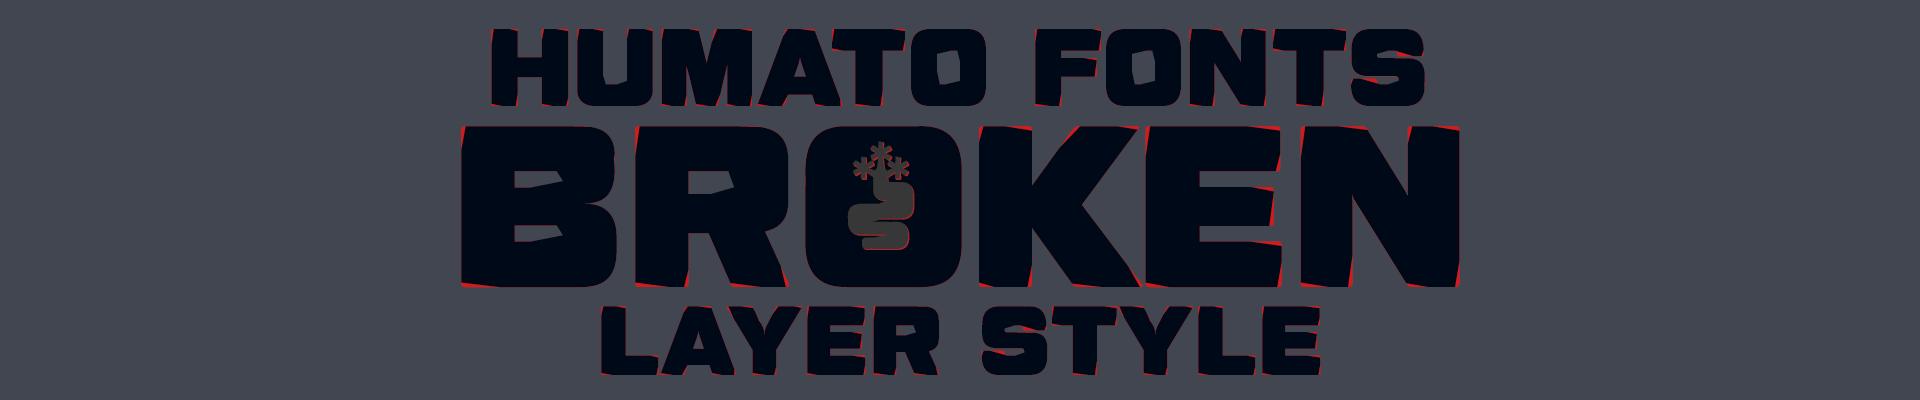 Humato Heavy Broken - Layer Fonts - OpenType Features